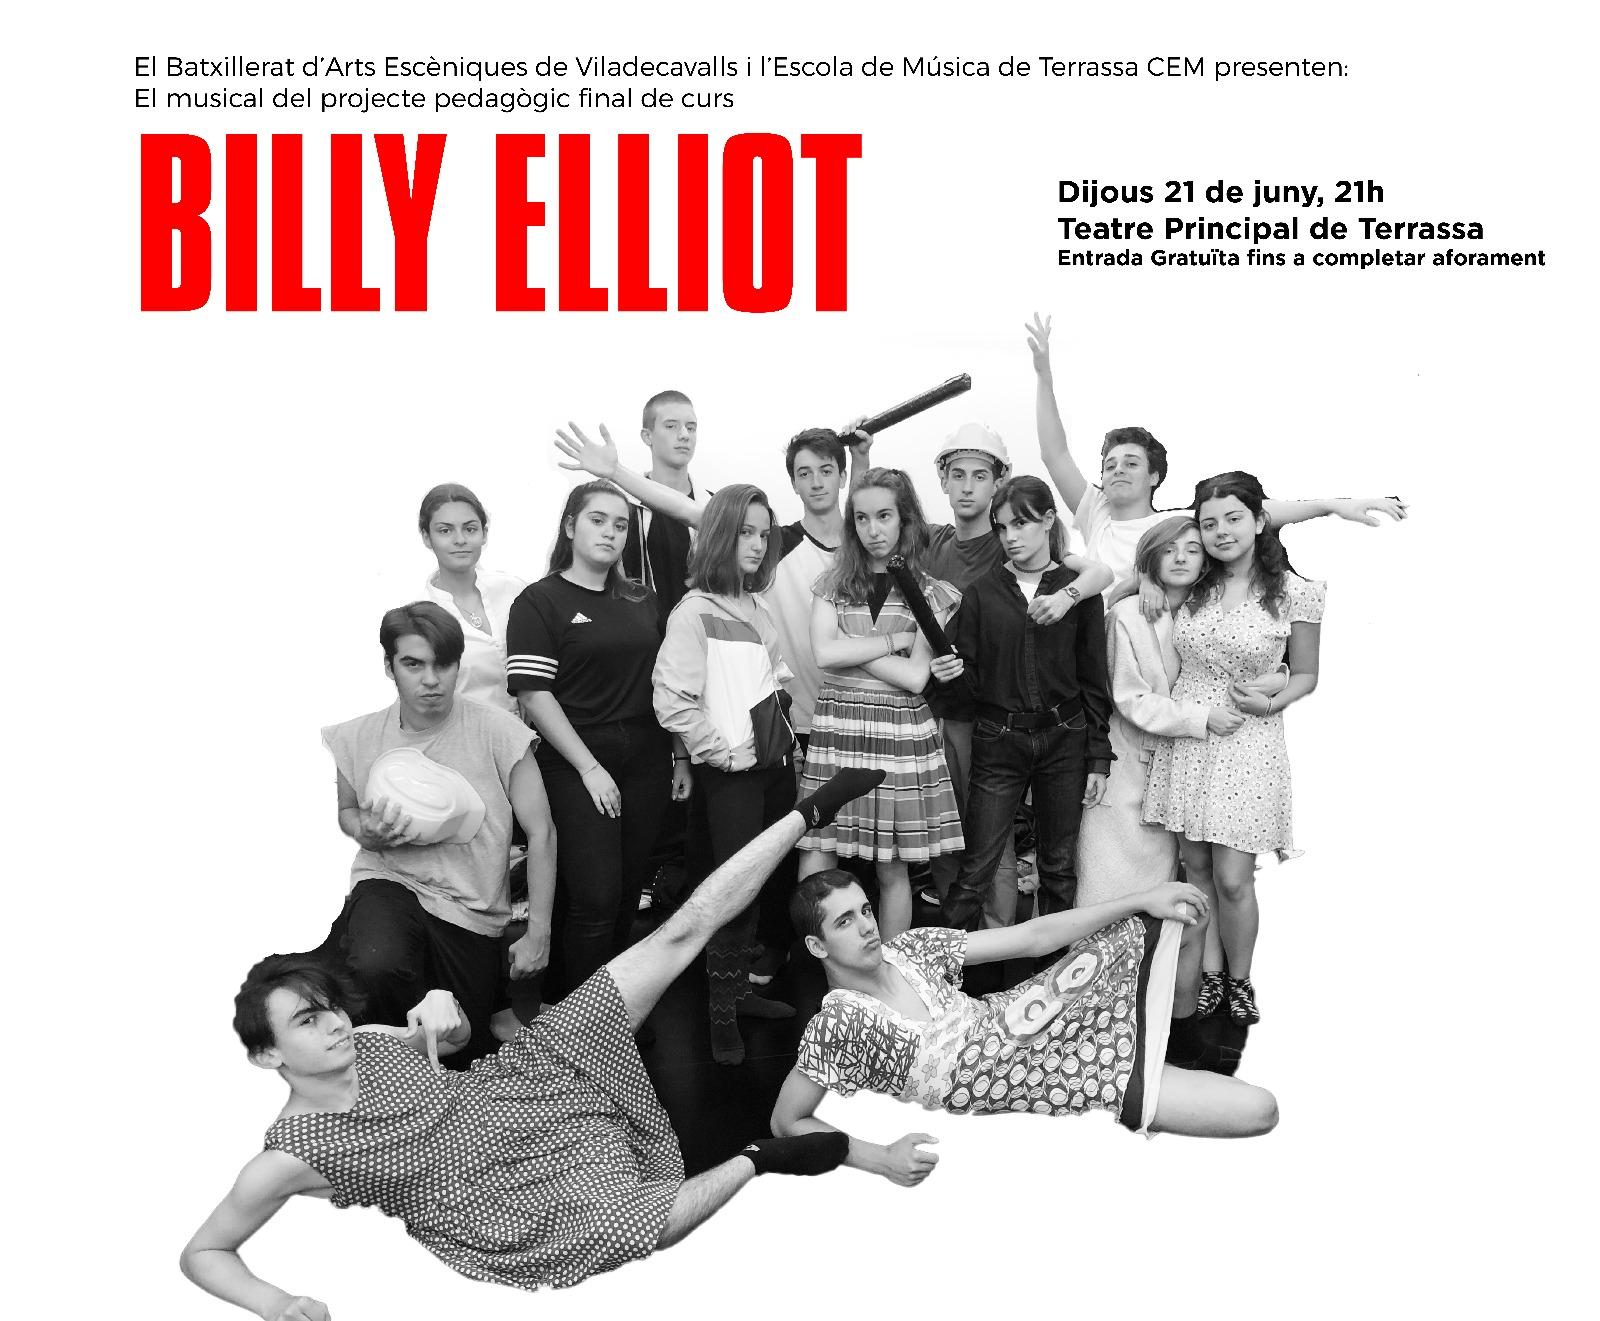 Batxillerat Arts Escèniques de Viladecavalls i CEM representen Billy Elliot